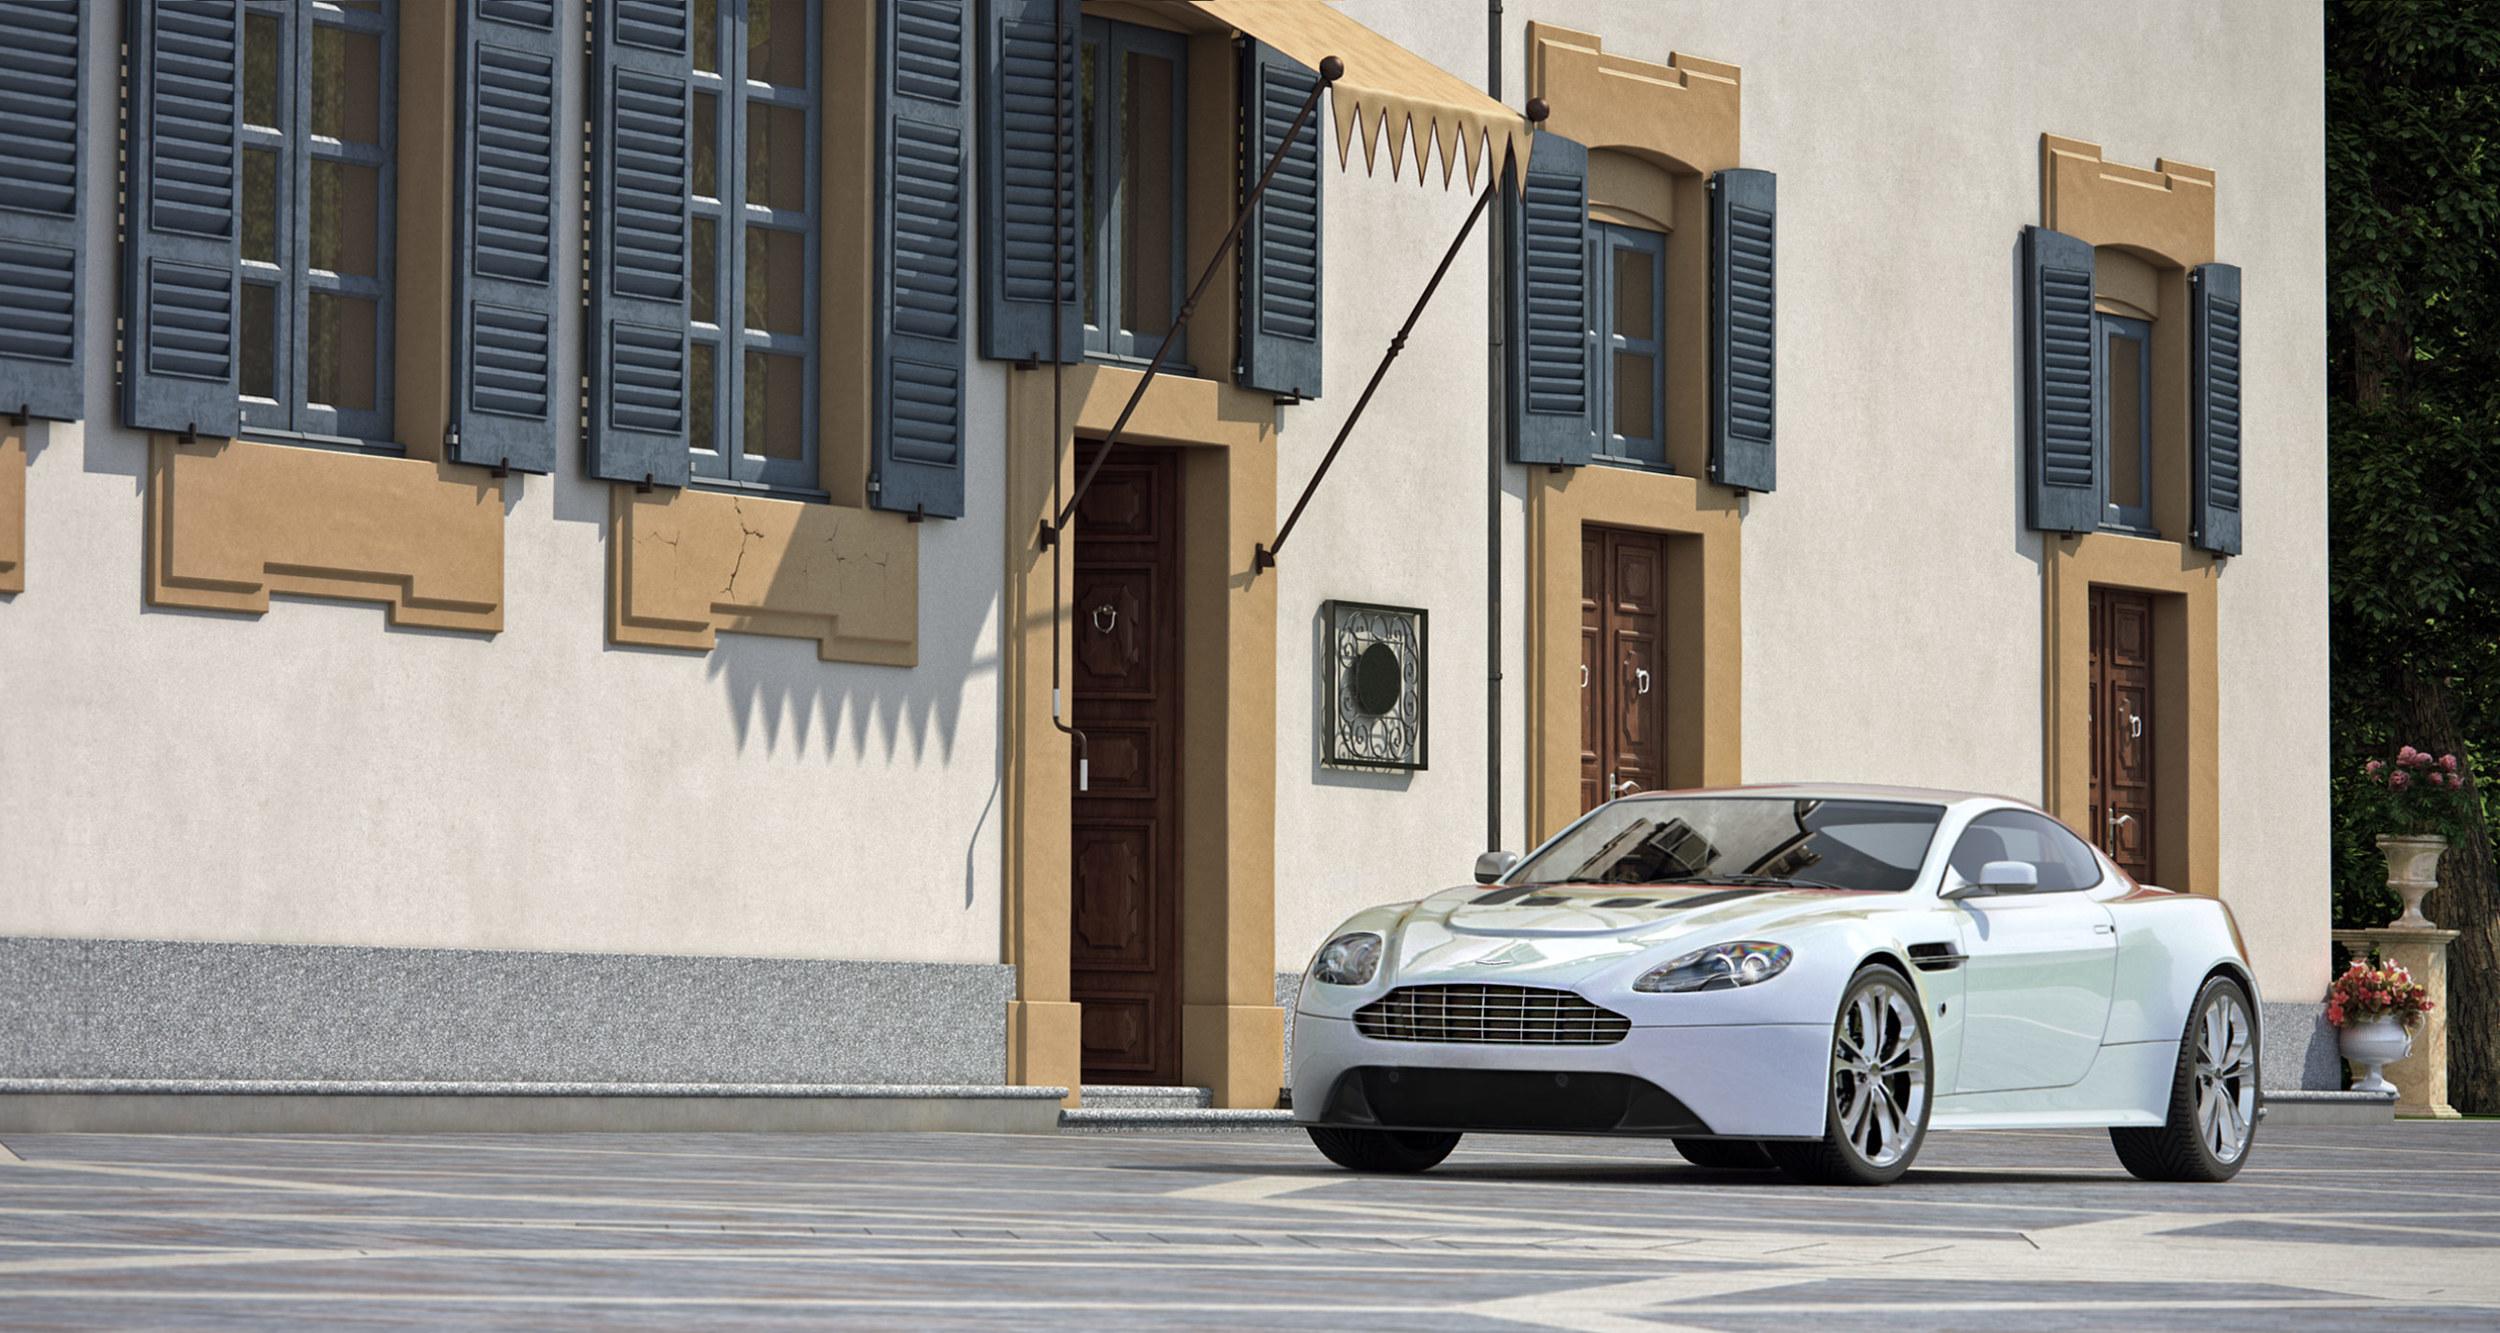 Aston Martin Parked